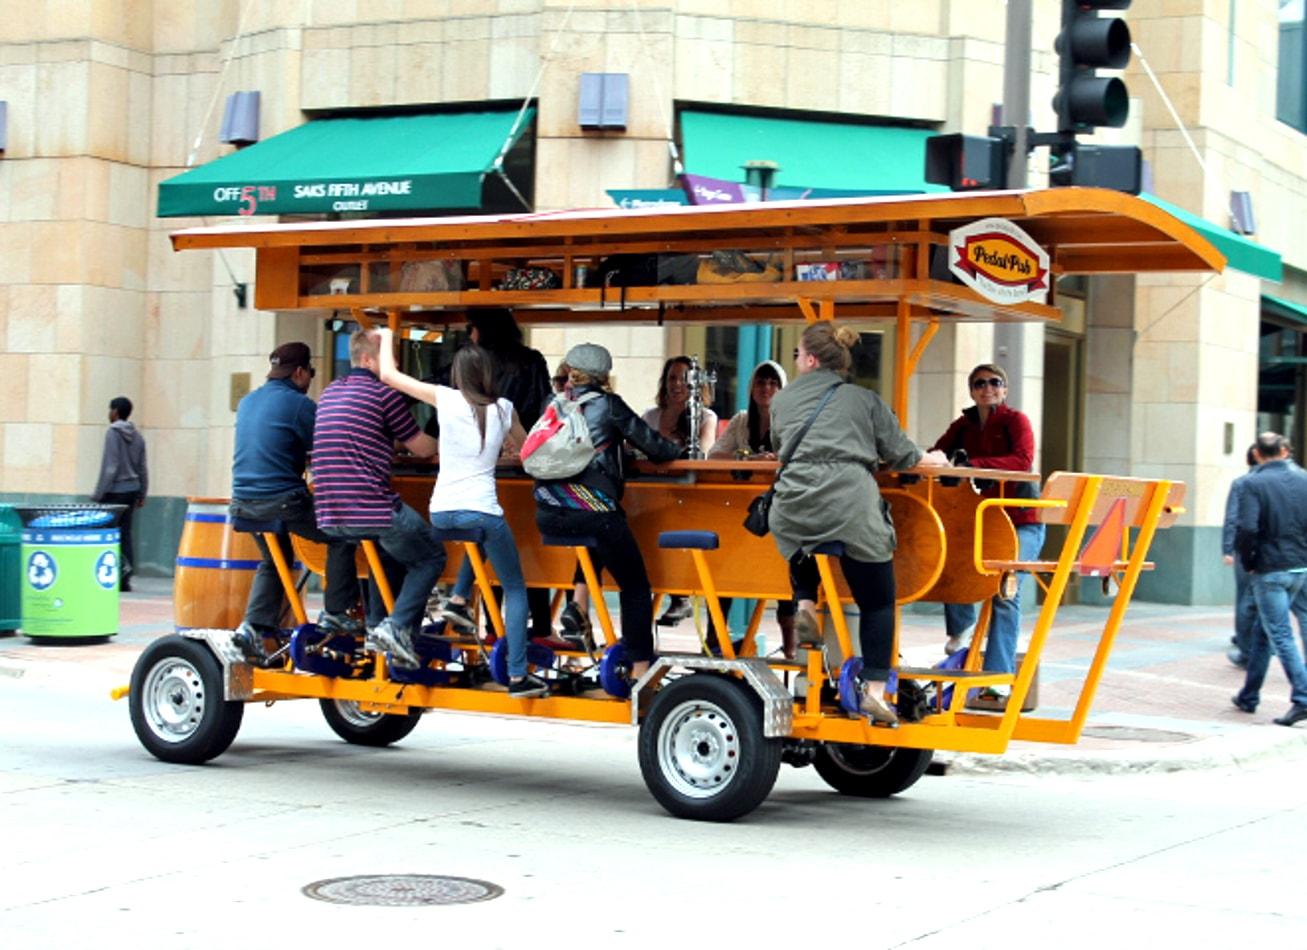 beer bike à anvers bieres activites vimigo